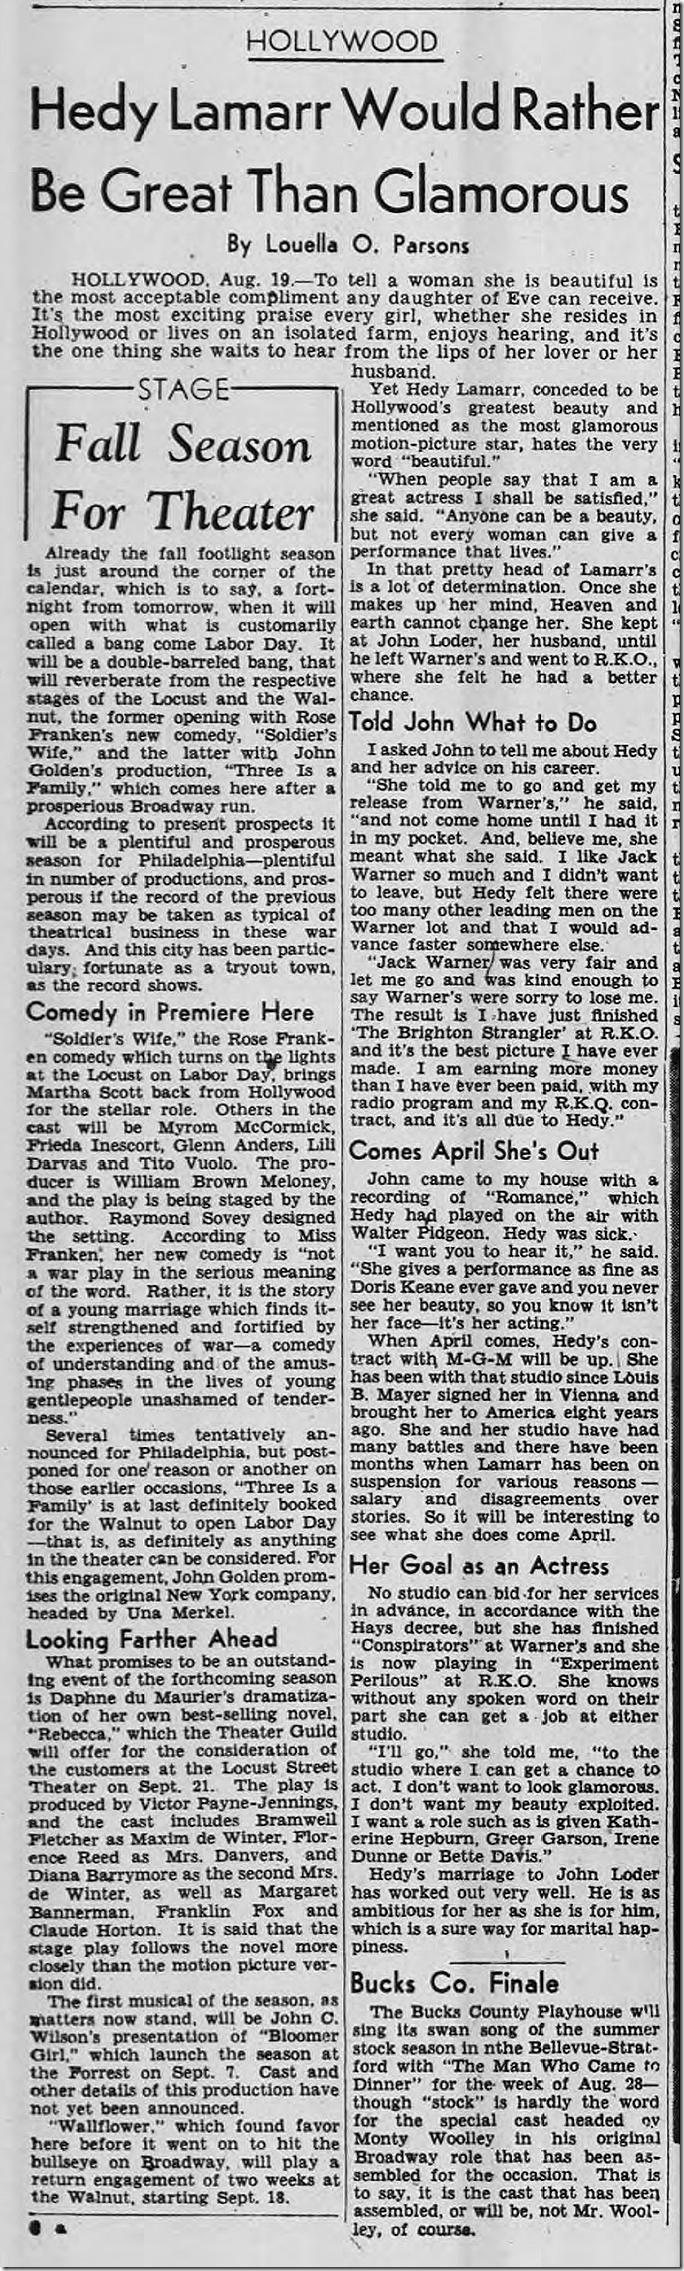 Aug. 20, 1944, Louella Parsons